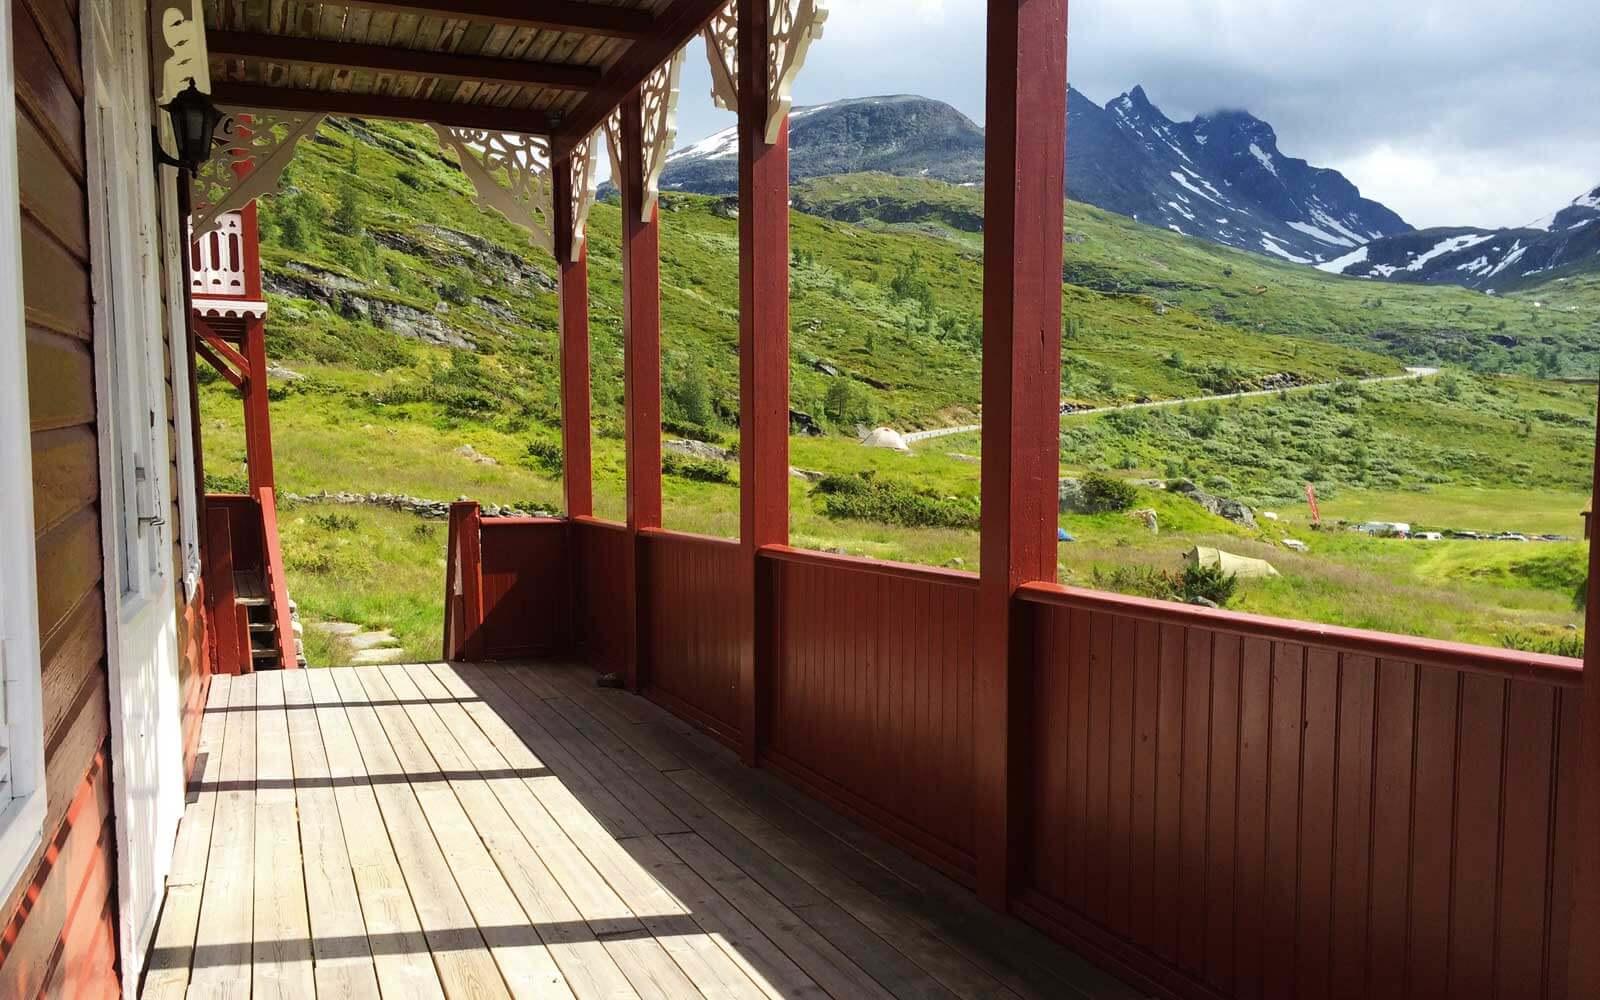 Ausblick auf die Berge von der Hotelveranda in Norwegen